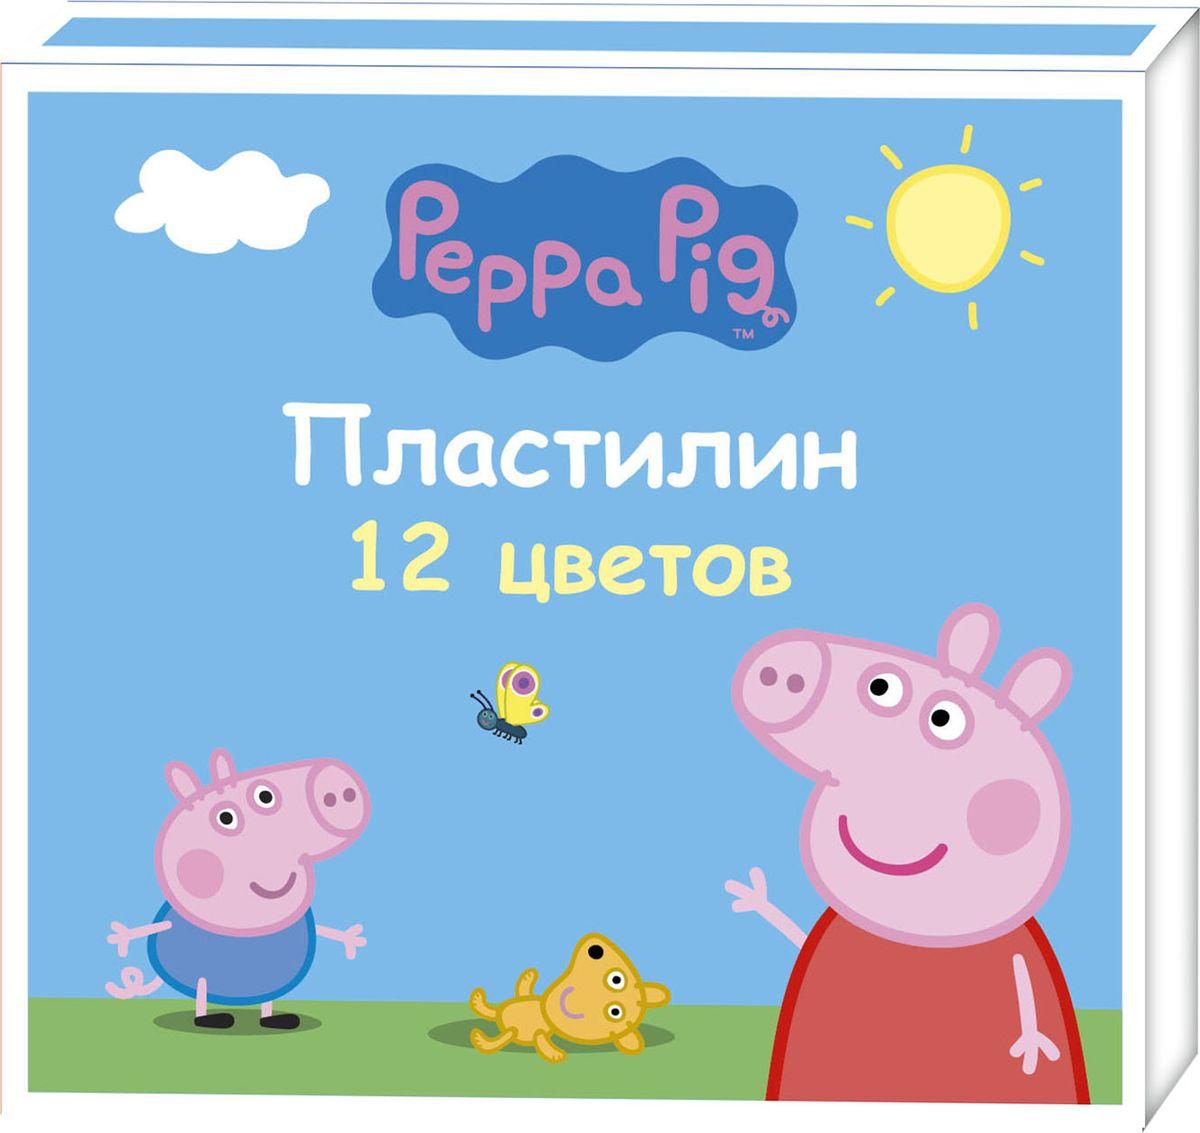 Peppa Pig Пластилин Свинка Пеппа 12 цветов72523WDЯркий и легко размягчающийся пластилин Свинка Пеппа поможет вашему малышу создать множество интересных поделок, а любимые герои мультфильма вдохновят его на новые творческие идеи. Лепить из этого пластилина легко и приятно: он обладает отличными пластичными свойствами, не липнет к рукам, не имеет запаха, его цвета легко смешиваются друг с другом. Создавайте новые цвета и оттенки, фантазируйте, экспериментируйте - это увлекательно и полезно: лепка активно тренирует у ребенка мелкую моторику и умение работать пальчиками, развивает тактильное восприятие формы, веса и фактуры, совершенствует воображение и пространственное мышление. В наборе Свинка Пеппа 12 ярких цветов пластилина по 15 г и пластиковая стека.Состав: парафин, петролатум, мел, каолин, красители.